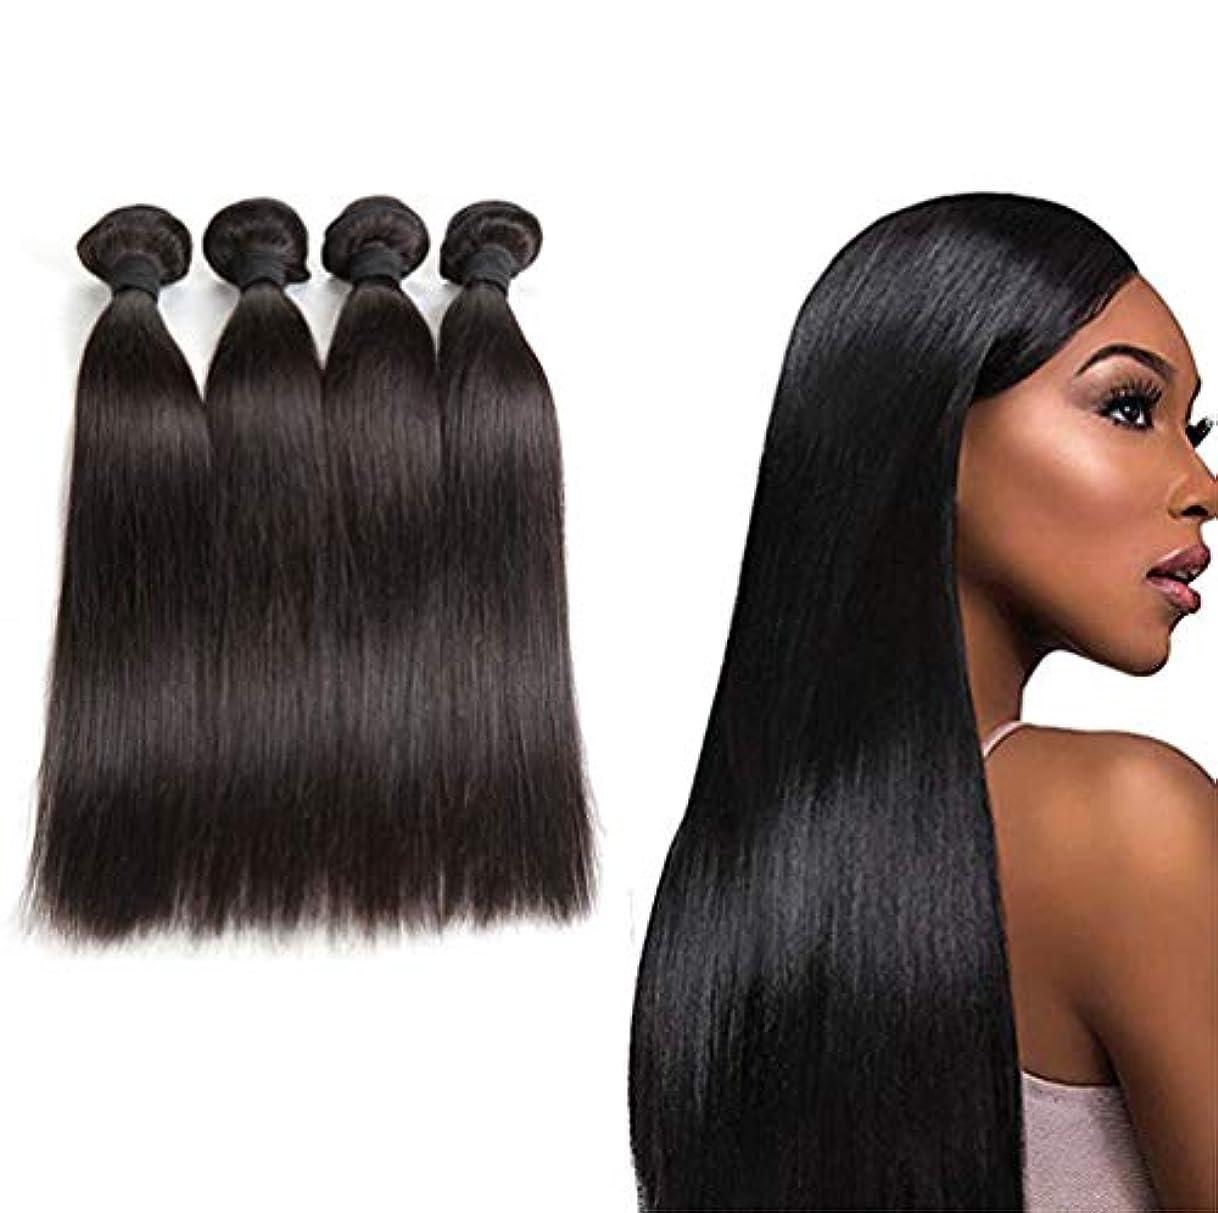 これら独立して説明女性ブラジルのストレートヘア安いブラジルの髪の束ストレート人間の髪の束ナチュラルブラックカラー300グラム(3バンドル)